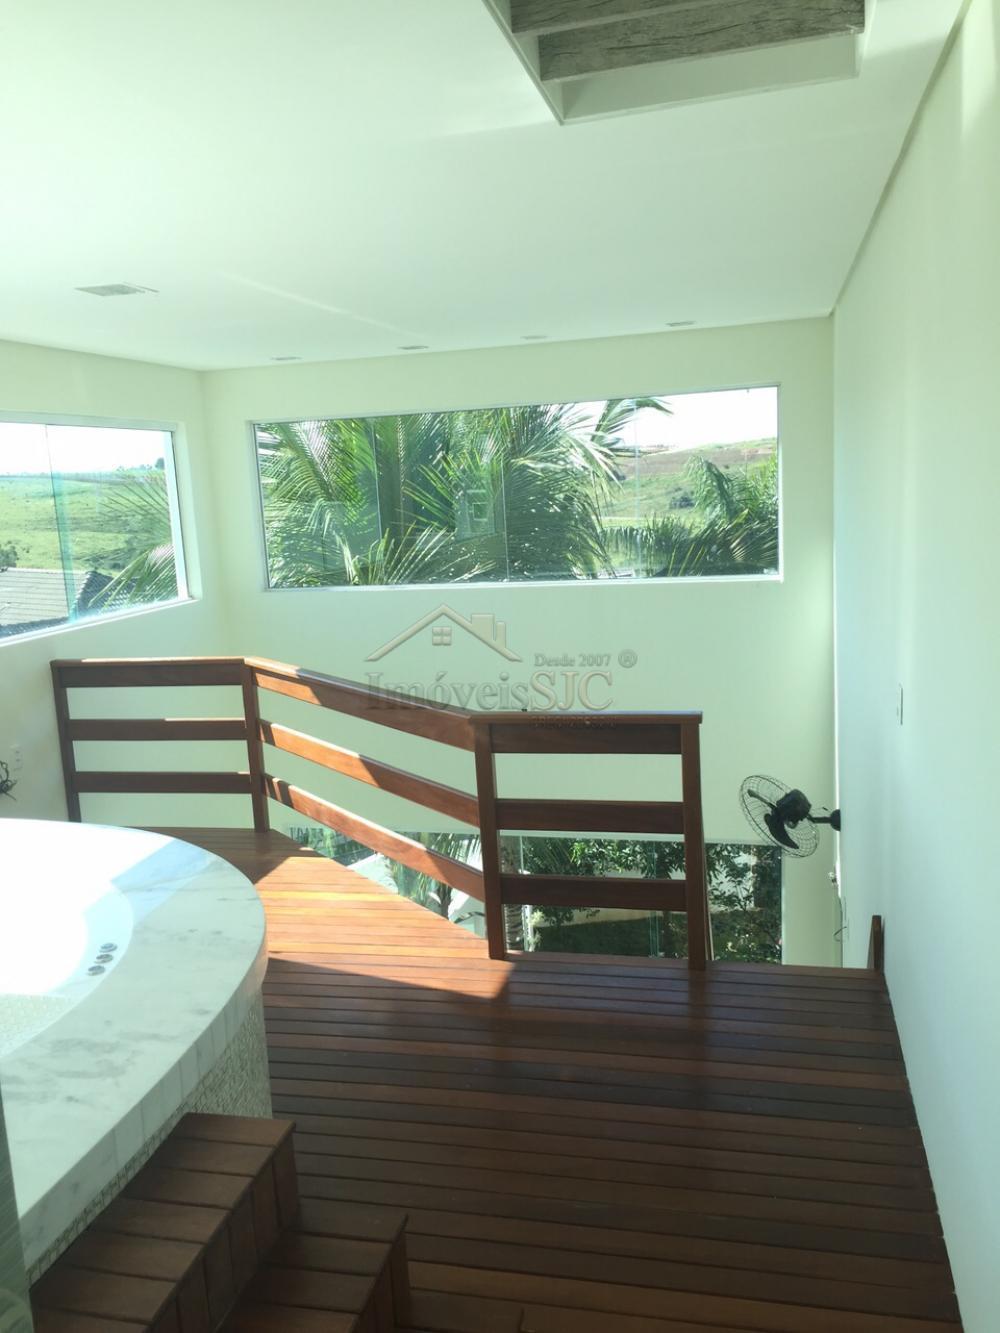 Alugar Casas / Condomínio em São José dos Campos apenas R$ 18.000,00 - Foto 20